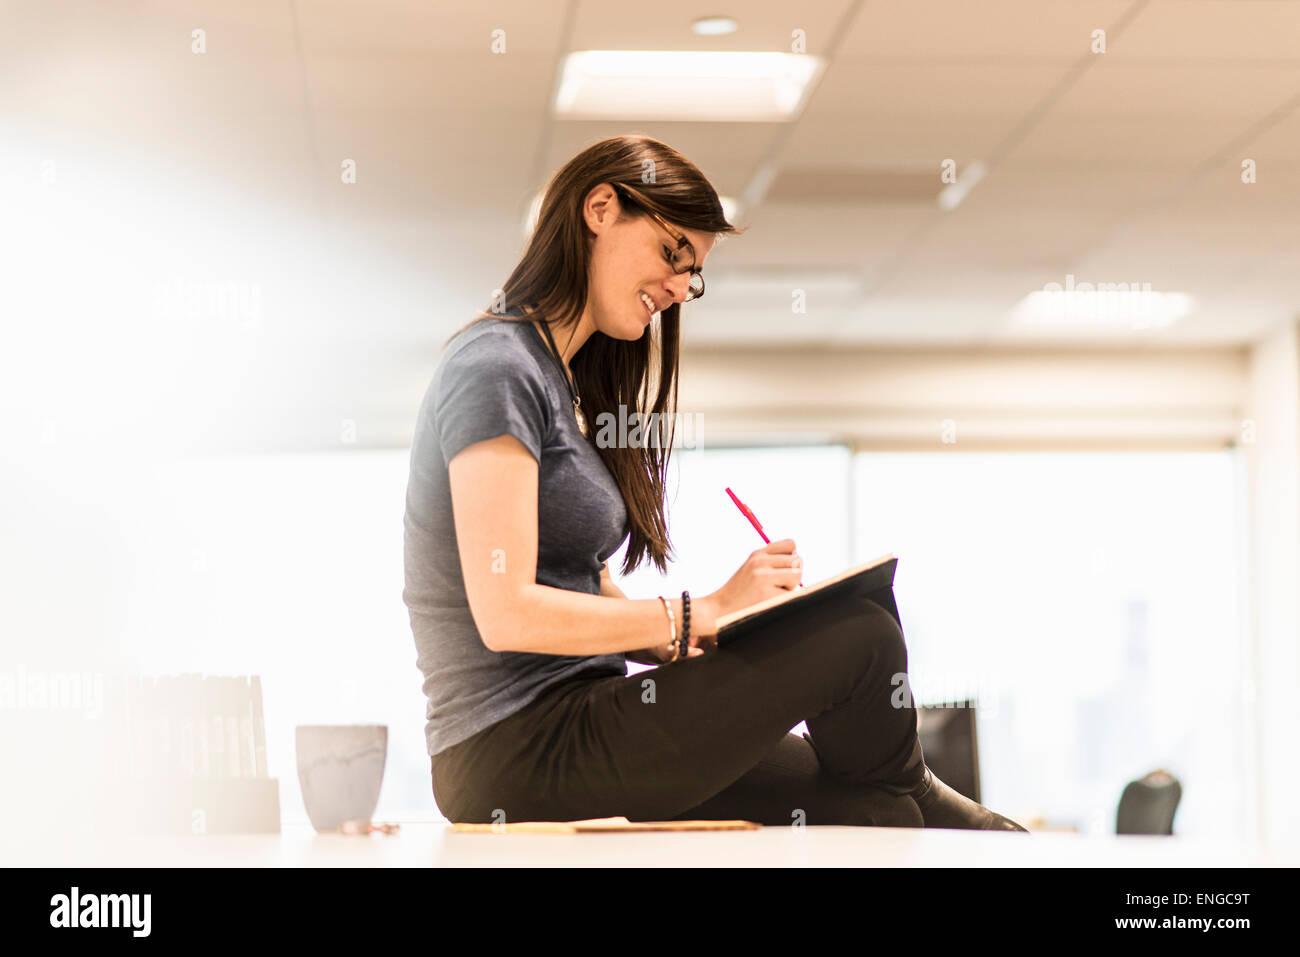 Eine junge Frau sitzt auf ihrem Schreibtisch in einem Notebook mit einem roten Stift schreiben. Stockbild